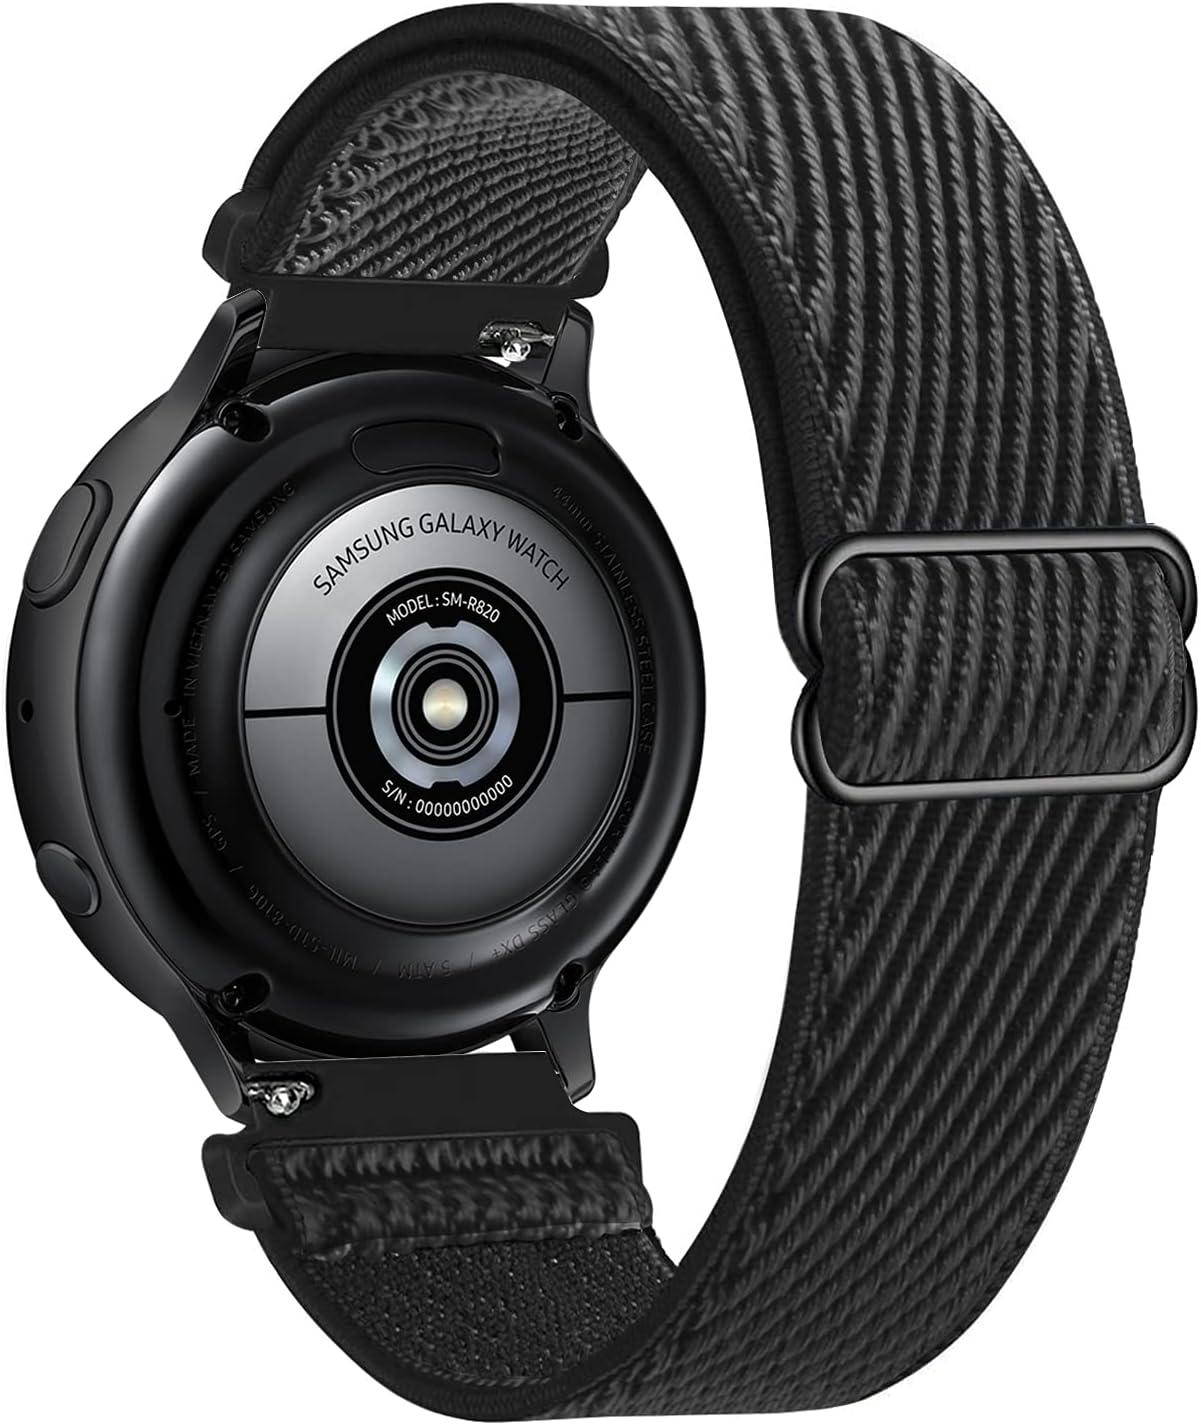 Lobnhot 22mm Solo Loop Compatible con Correa de Reloj de Samsung Galaxy Watch 3(45mm/44mm)/Watch 46mm/Gear S3 Classic/Frontier,Nylon Elástico Ajustables (22mm-Negro)